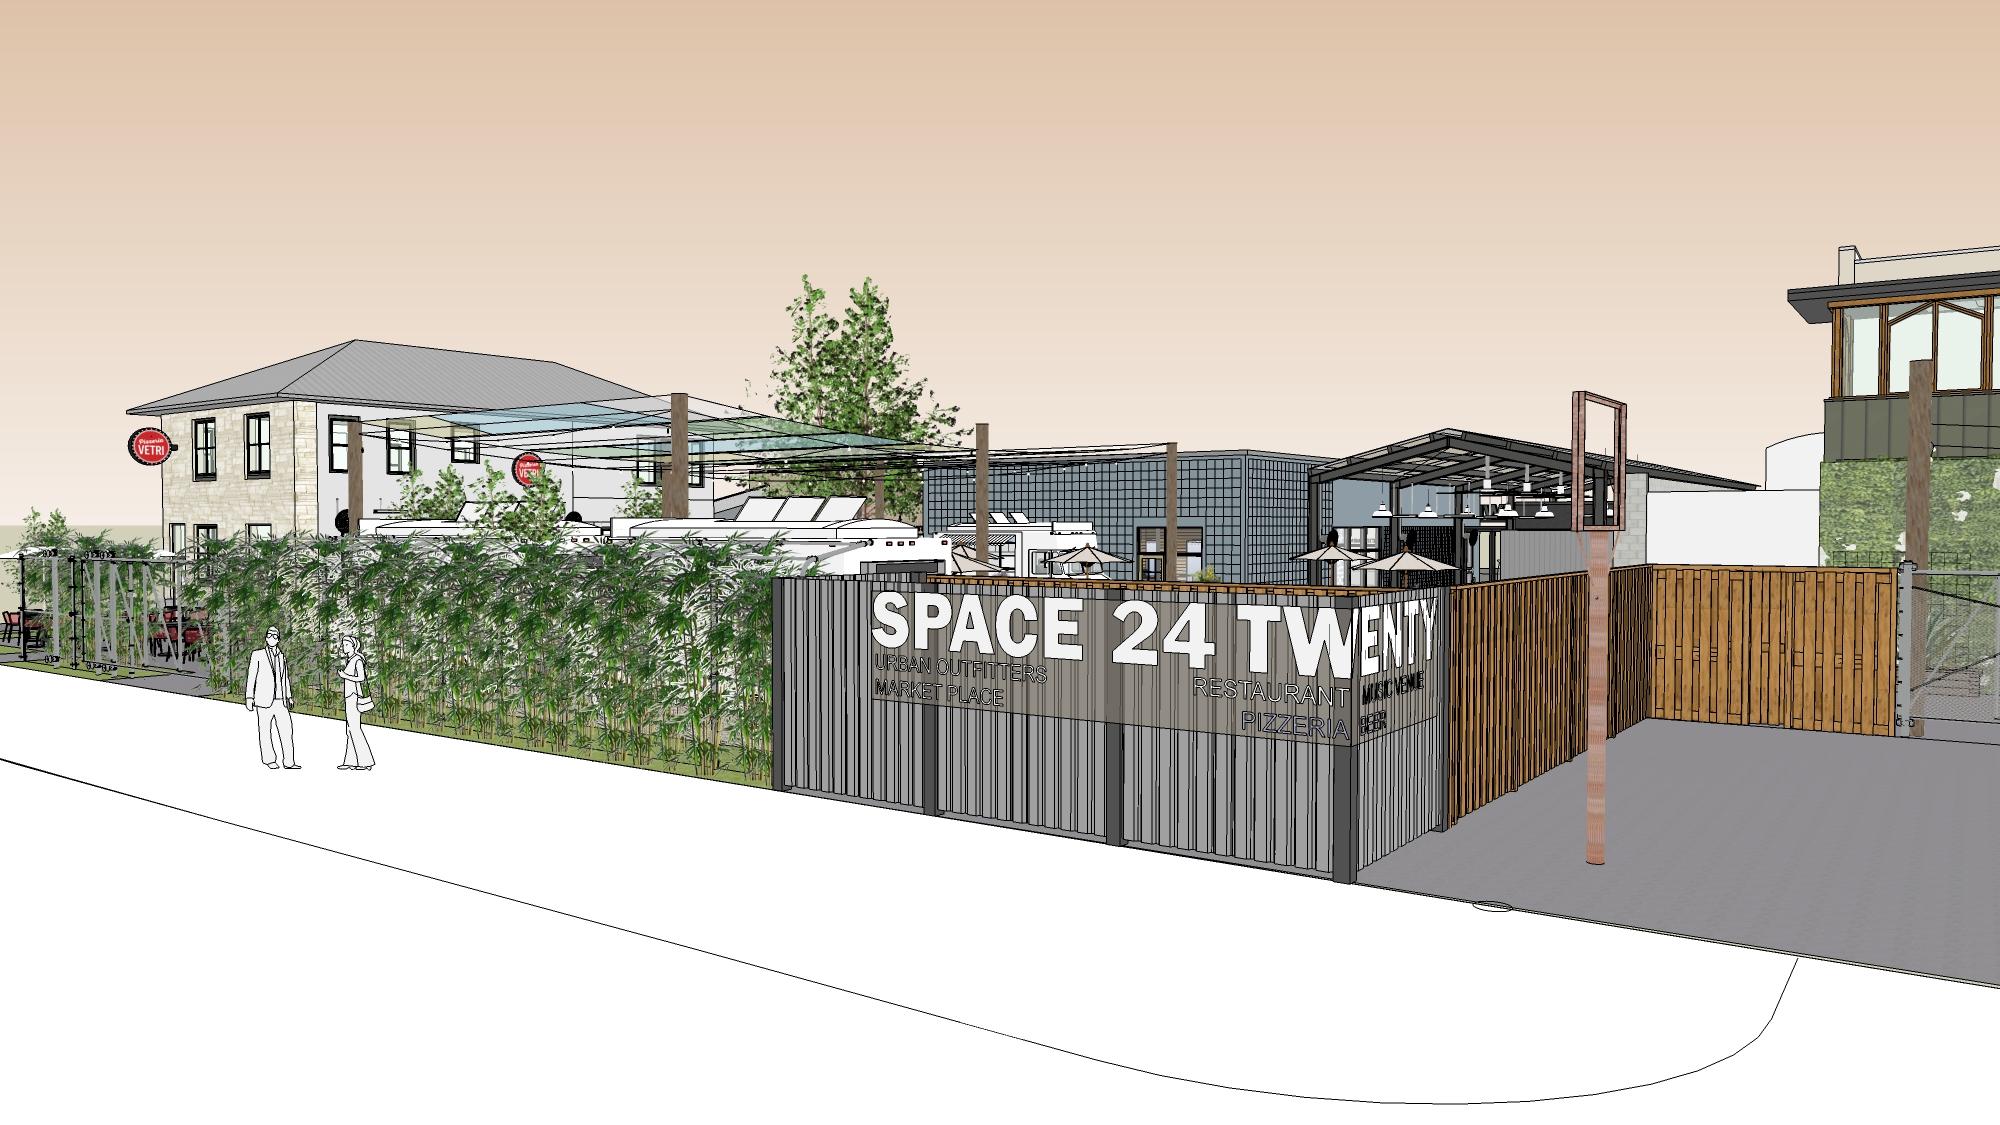 Rendering of Space 24 Twenty